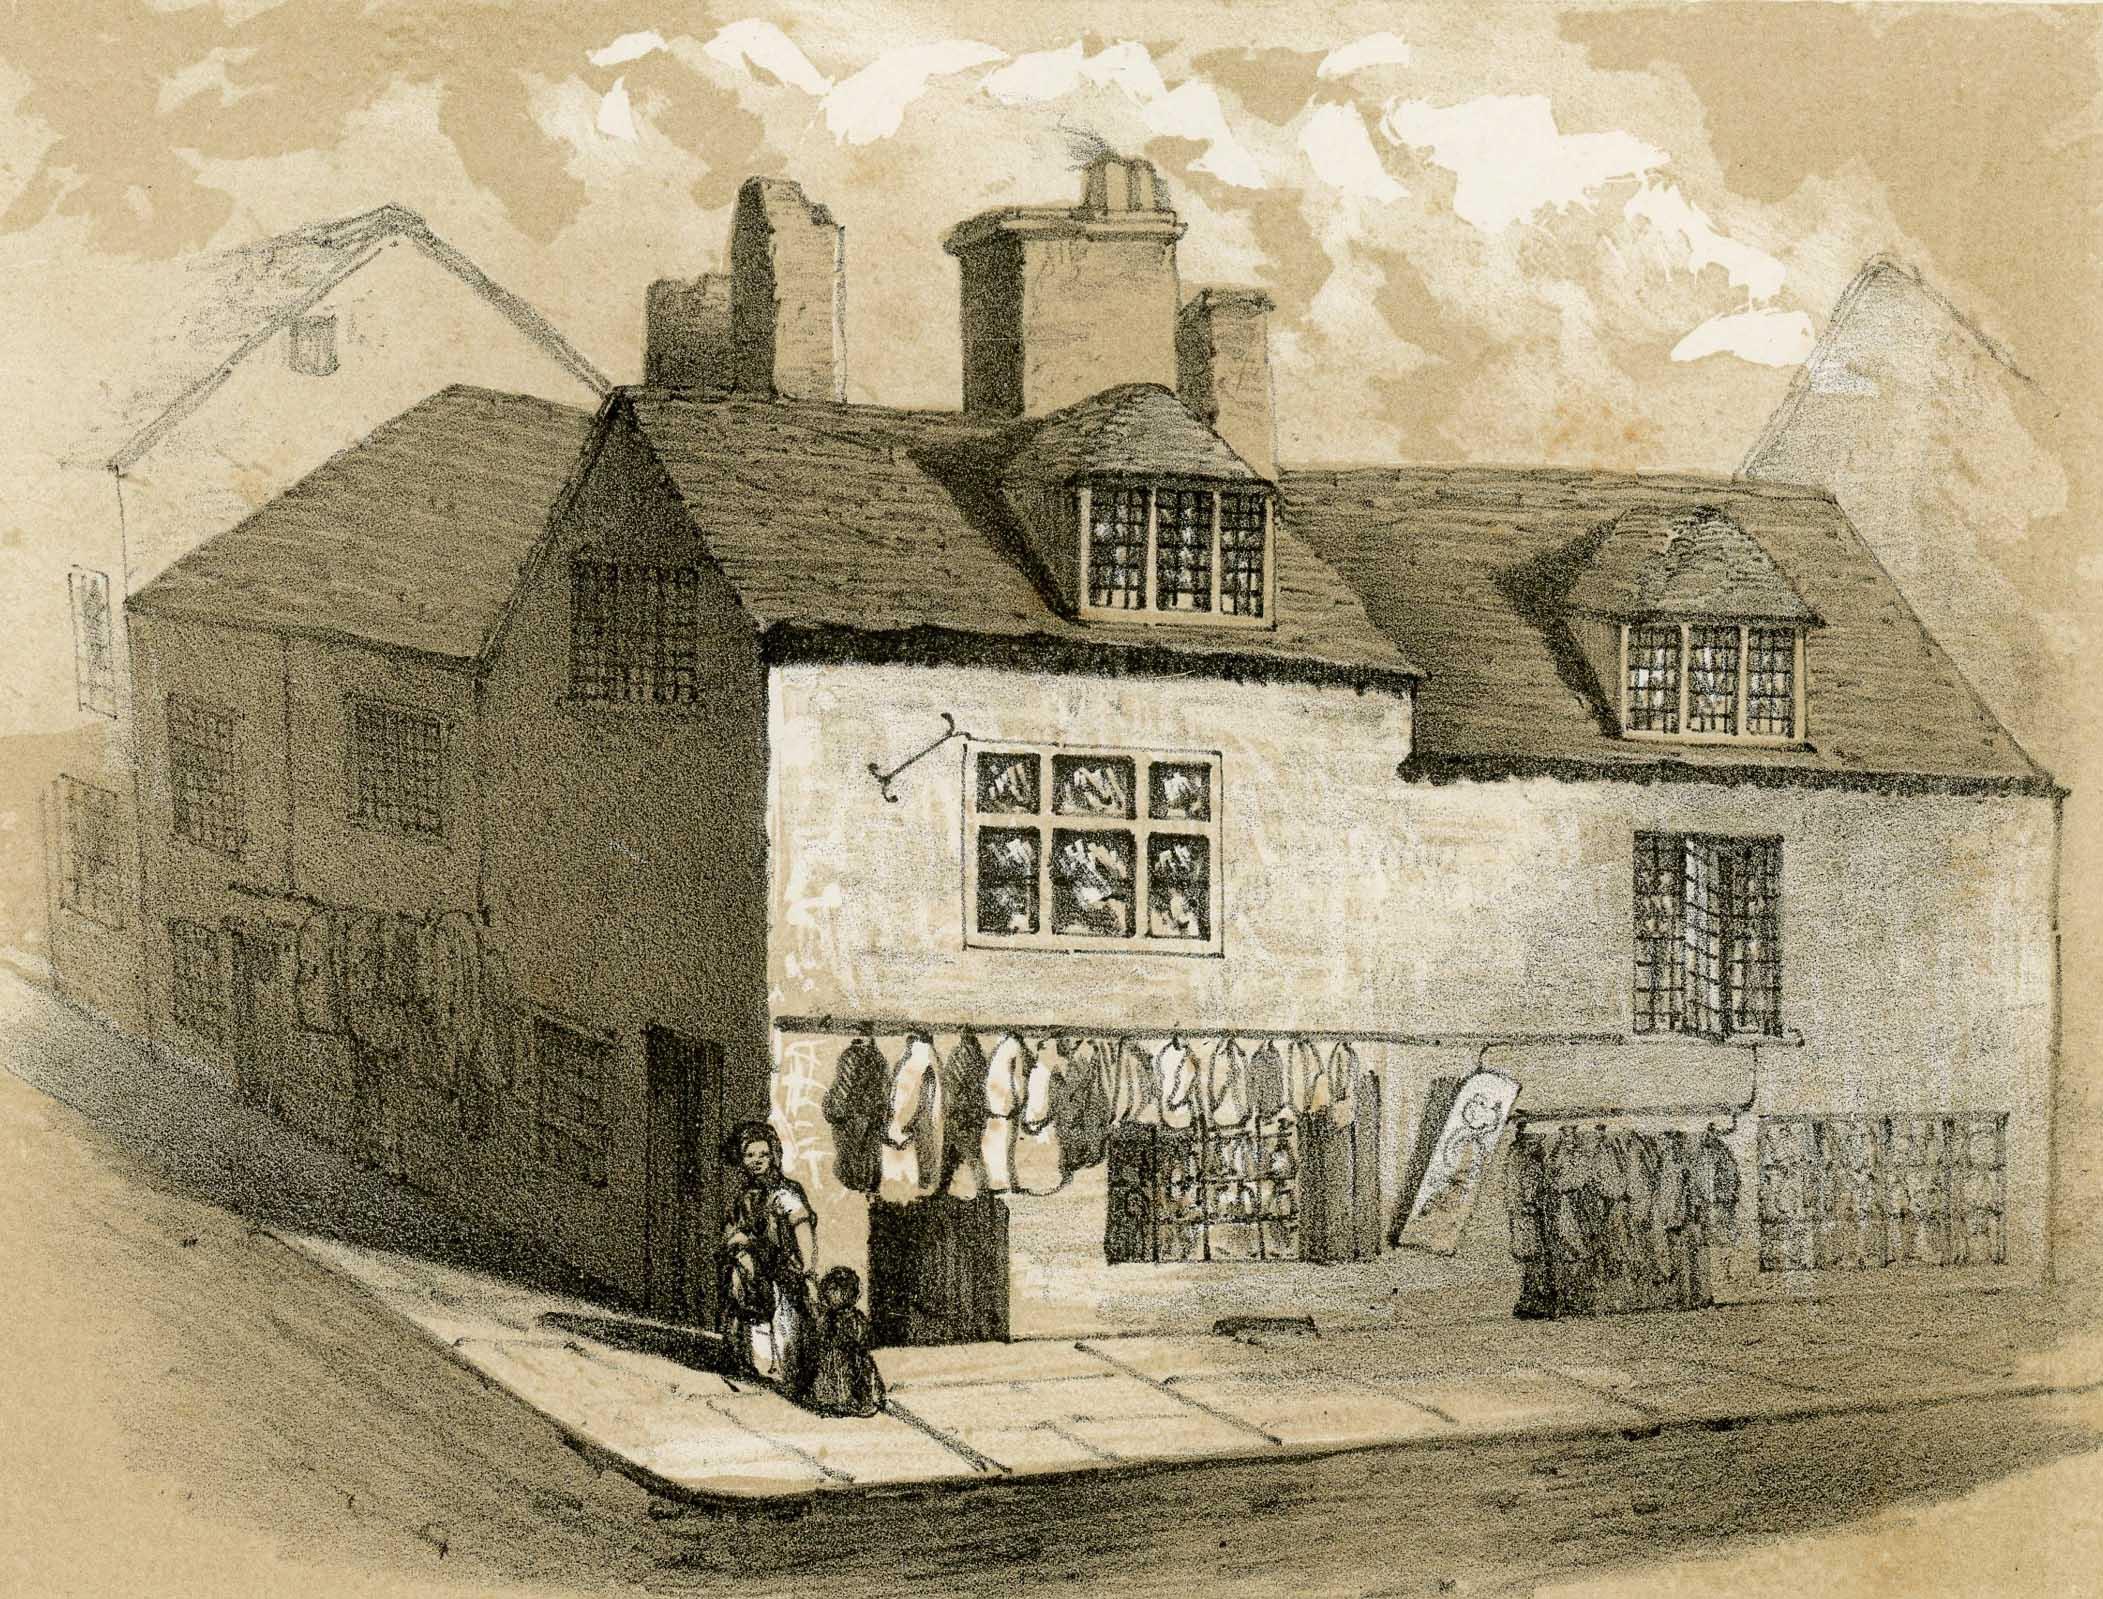 Dudley Street corner of Old Meeting Street